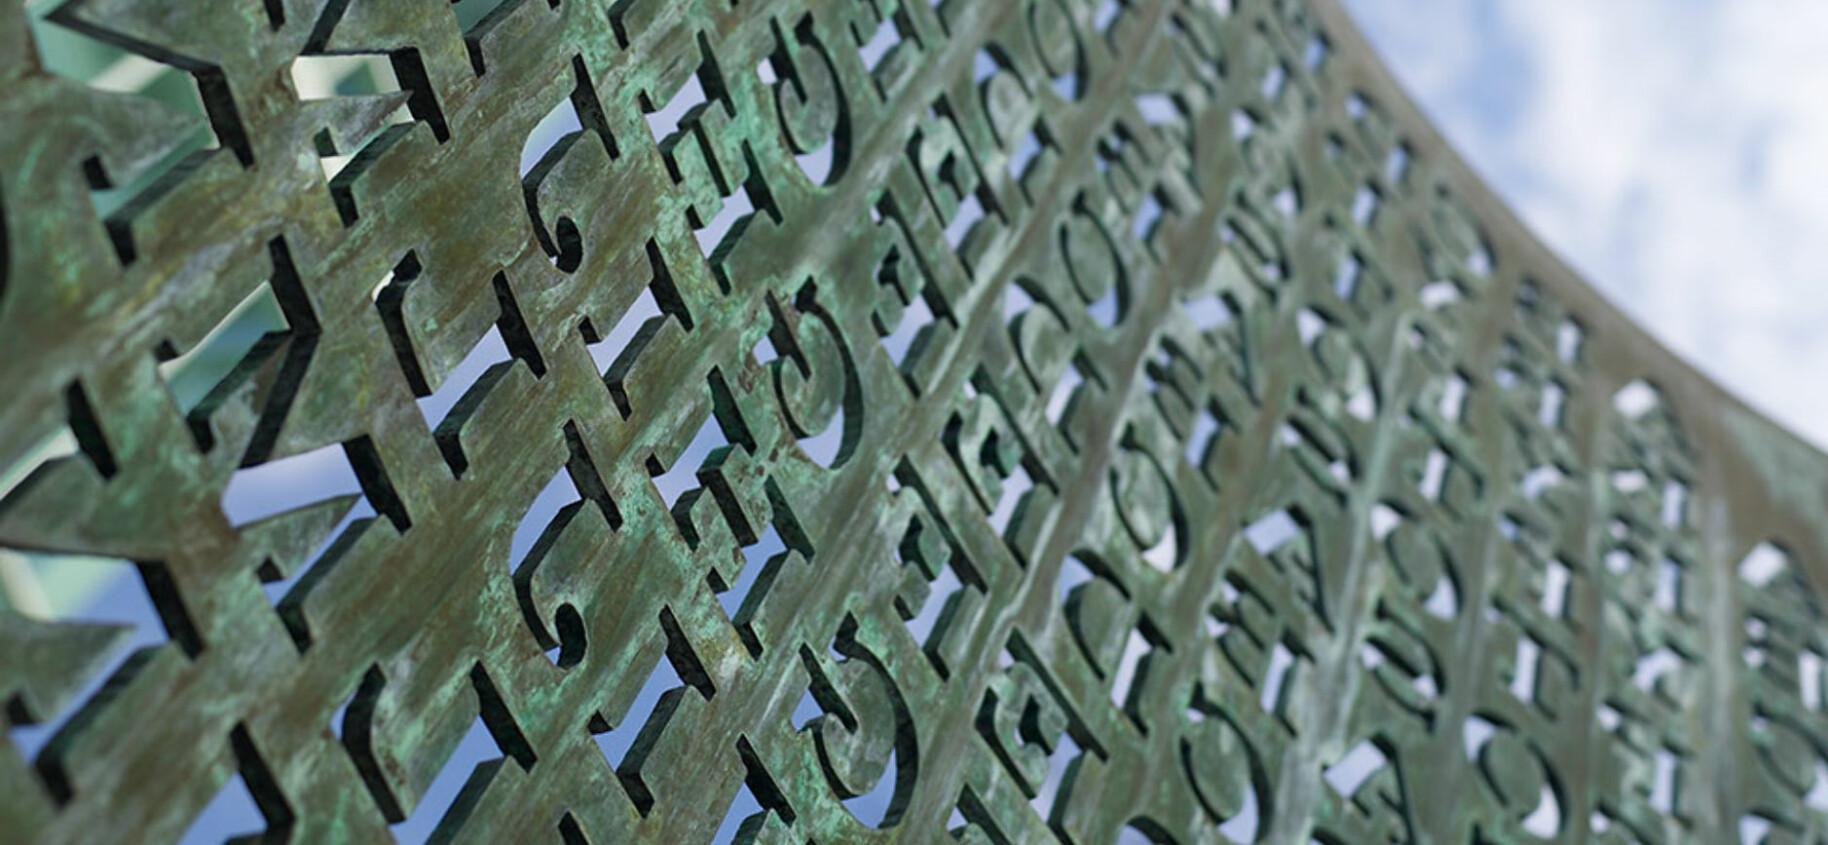 Mysterium: Denne bokstavveggen er en del av skulpturen som har ført til mye hodebry for mange smarte hoder. Foto: CIA